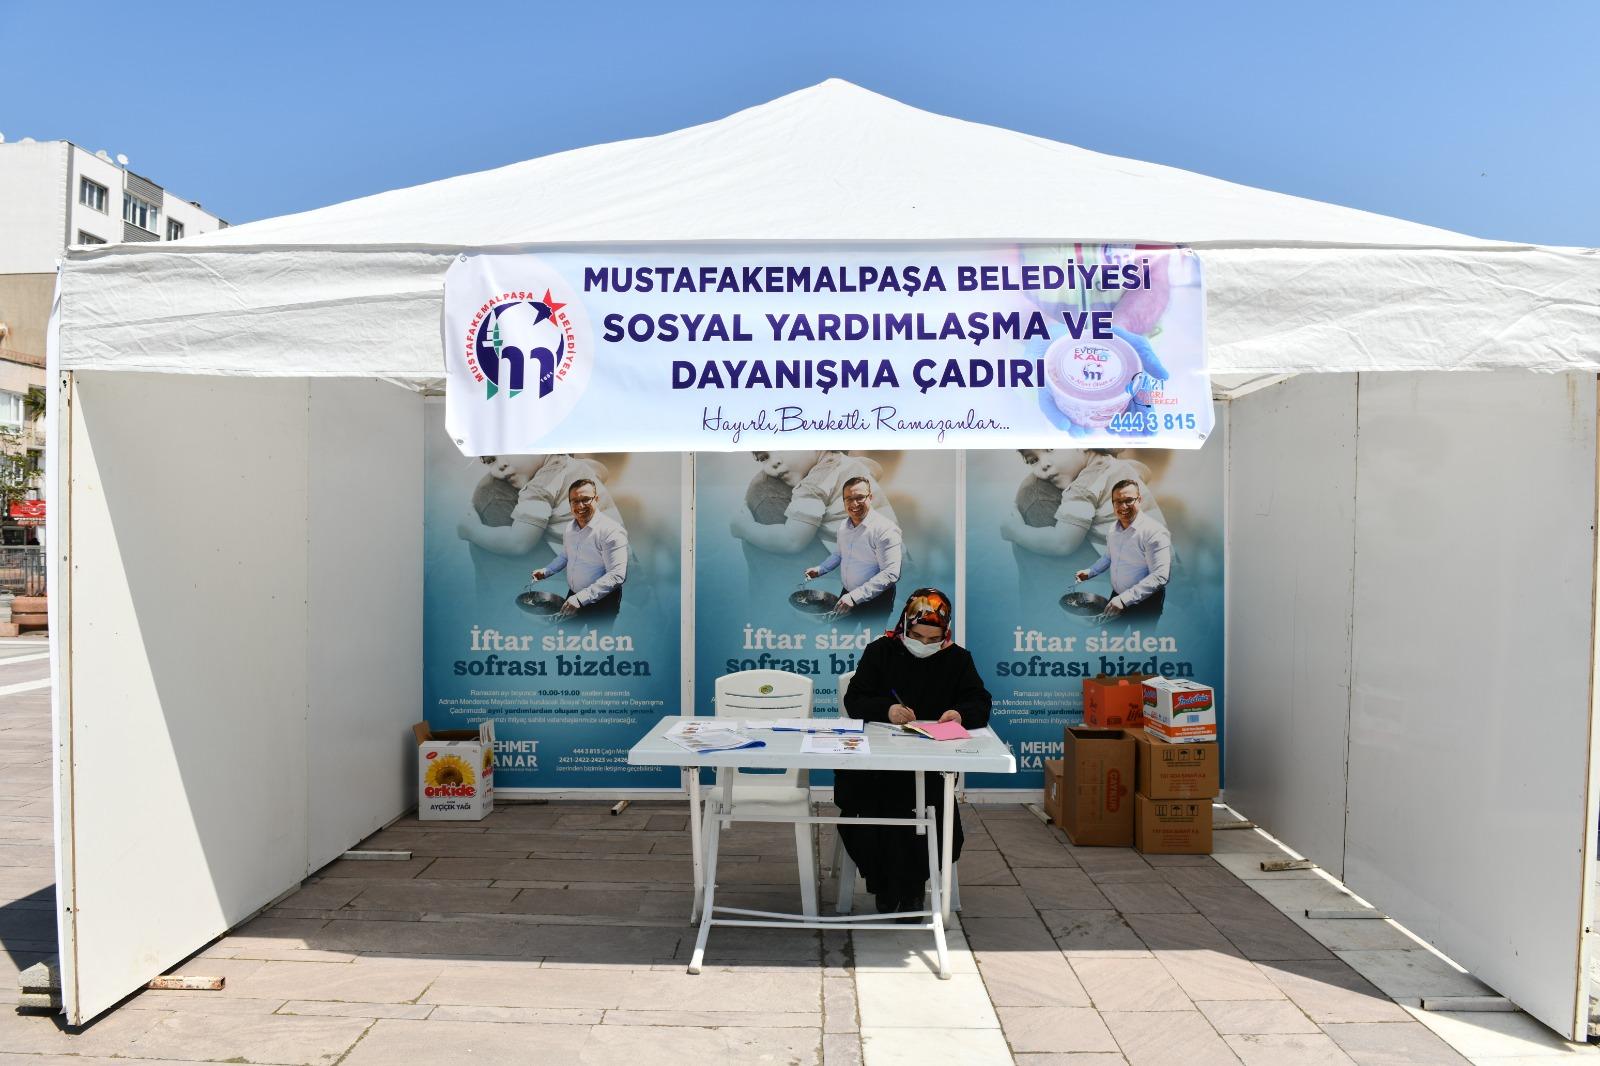 Mustafakemalpaşa'da 'İftar Sizden Sofrası Bizden' Kampanyası